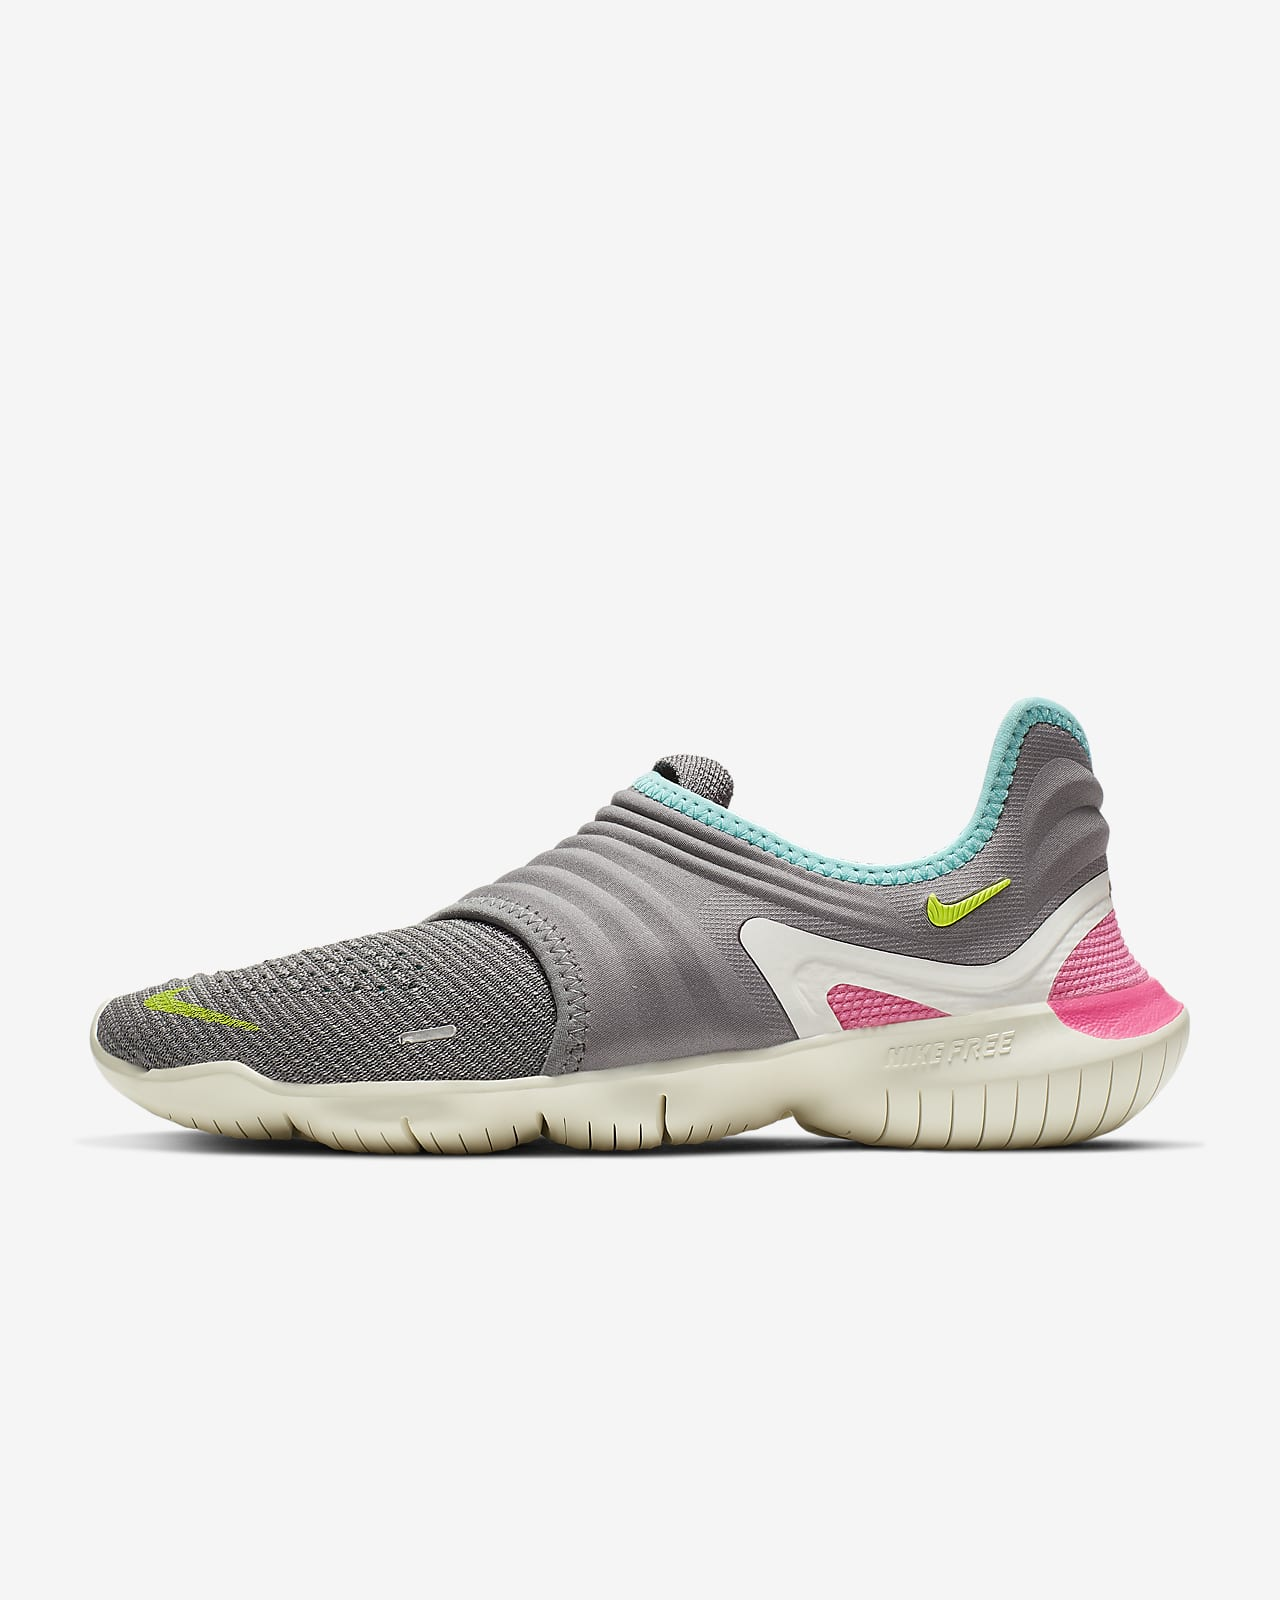 Nike Free Rn Flyknit 3 0 Women S Running Shoe Nike Com